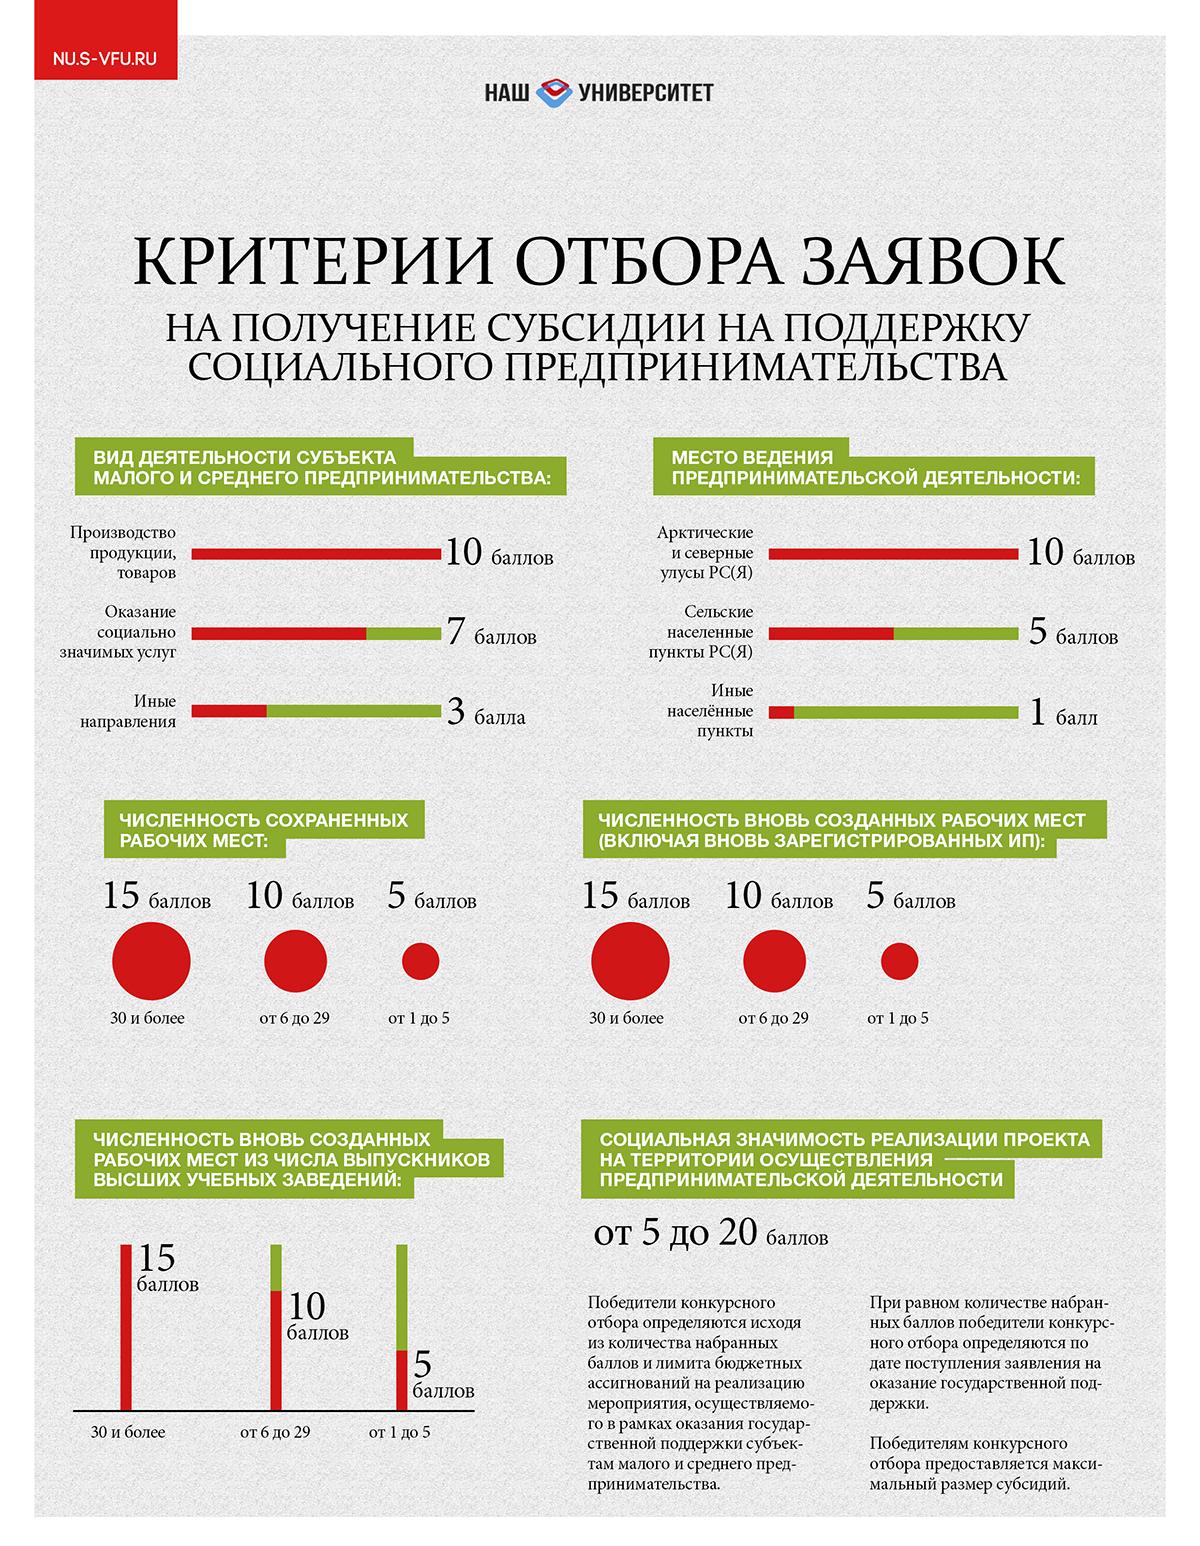 Критерии отбора заявок социального предпринимательства